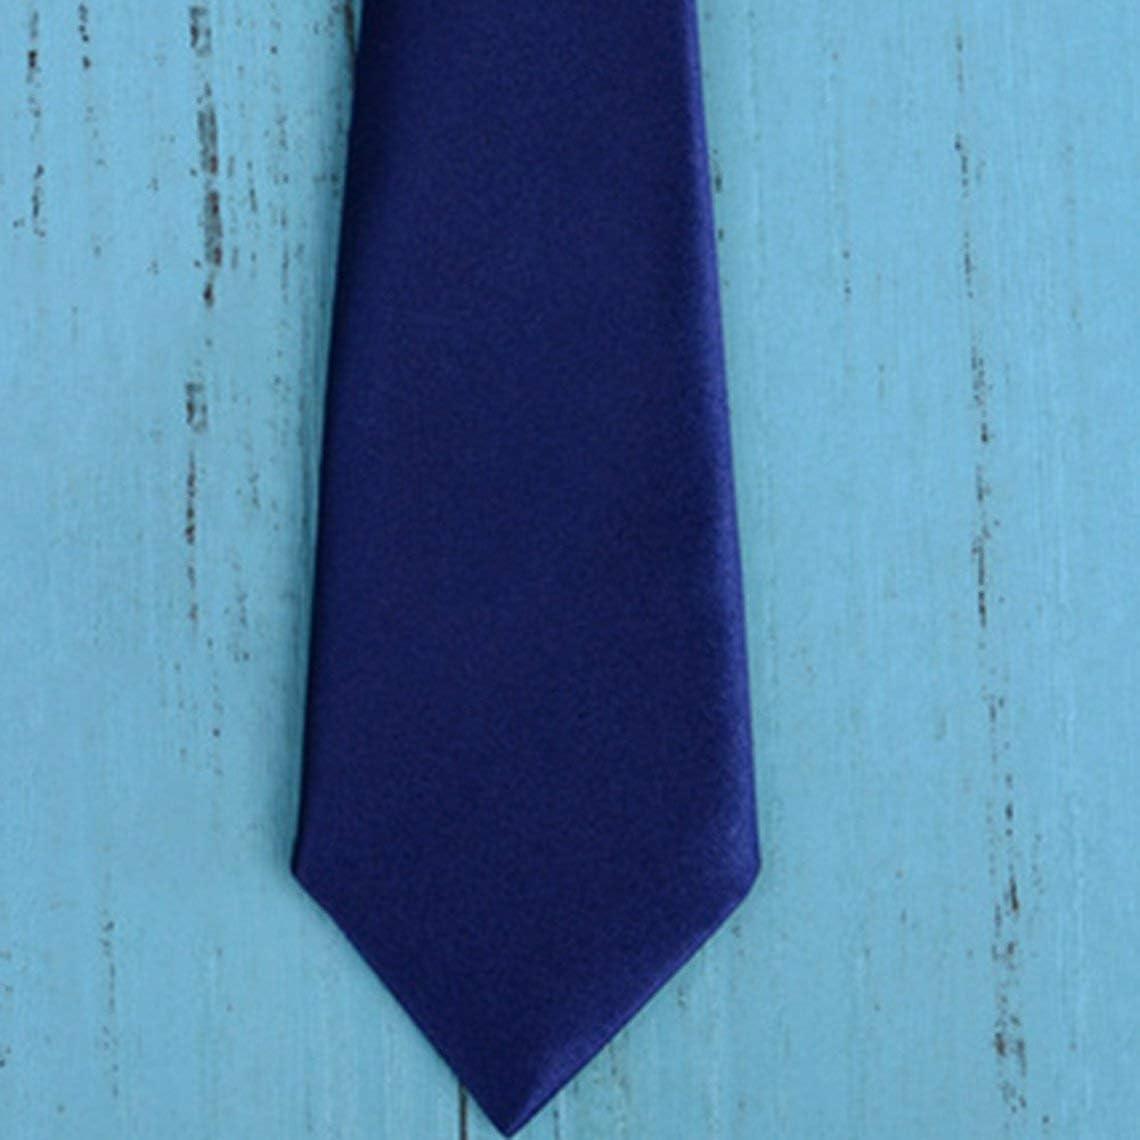 Momorain Mode Schule Jungen Kinder Kinder Baby Hochzeit Einfarbig Elastische Krawatte Junge Krawatte Baby Hochzeit Krawatte Krawatte Fleck